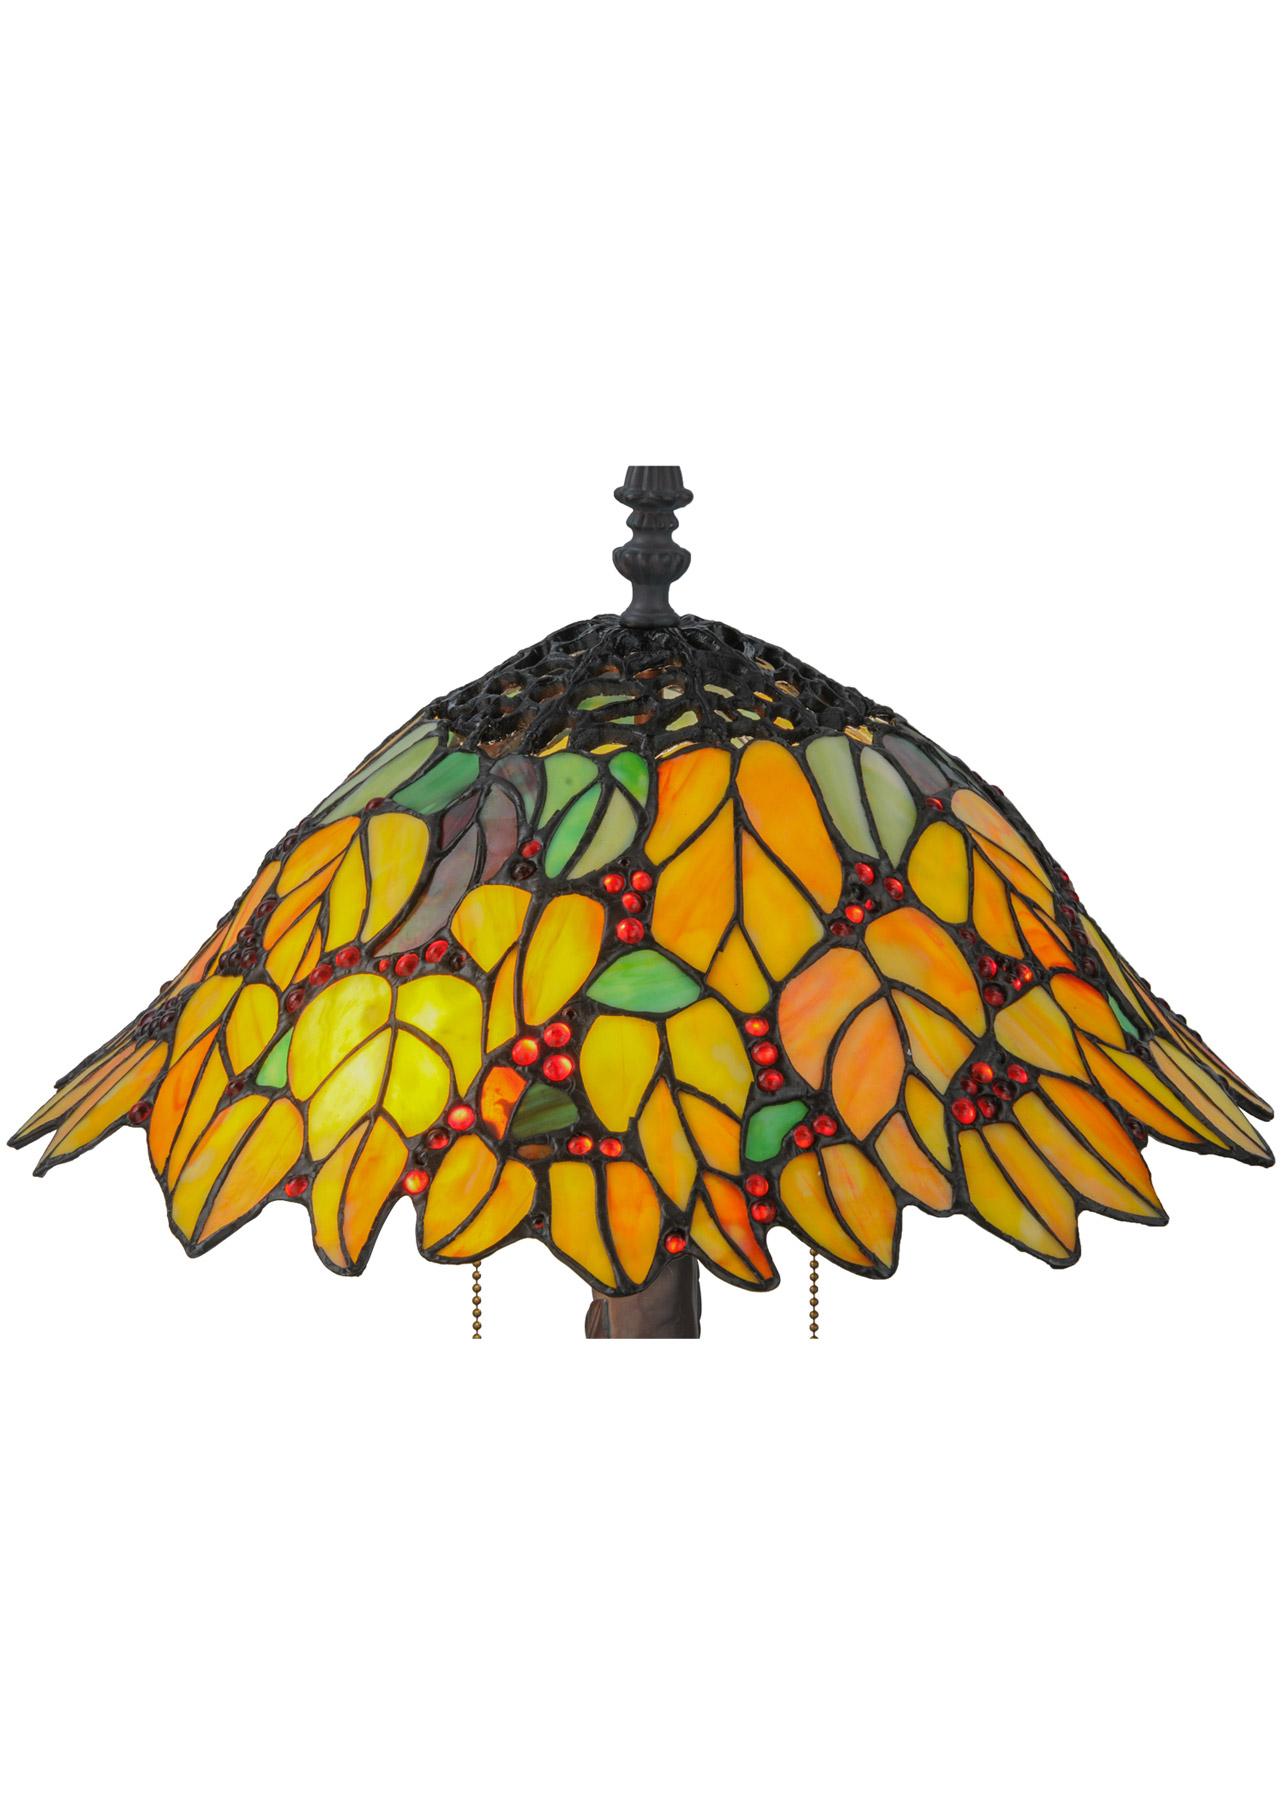 Meyda 139603 Follaje Table Lamp